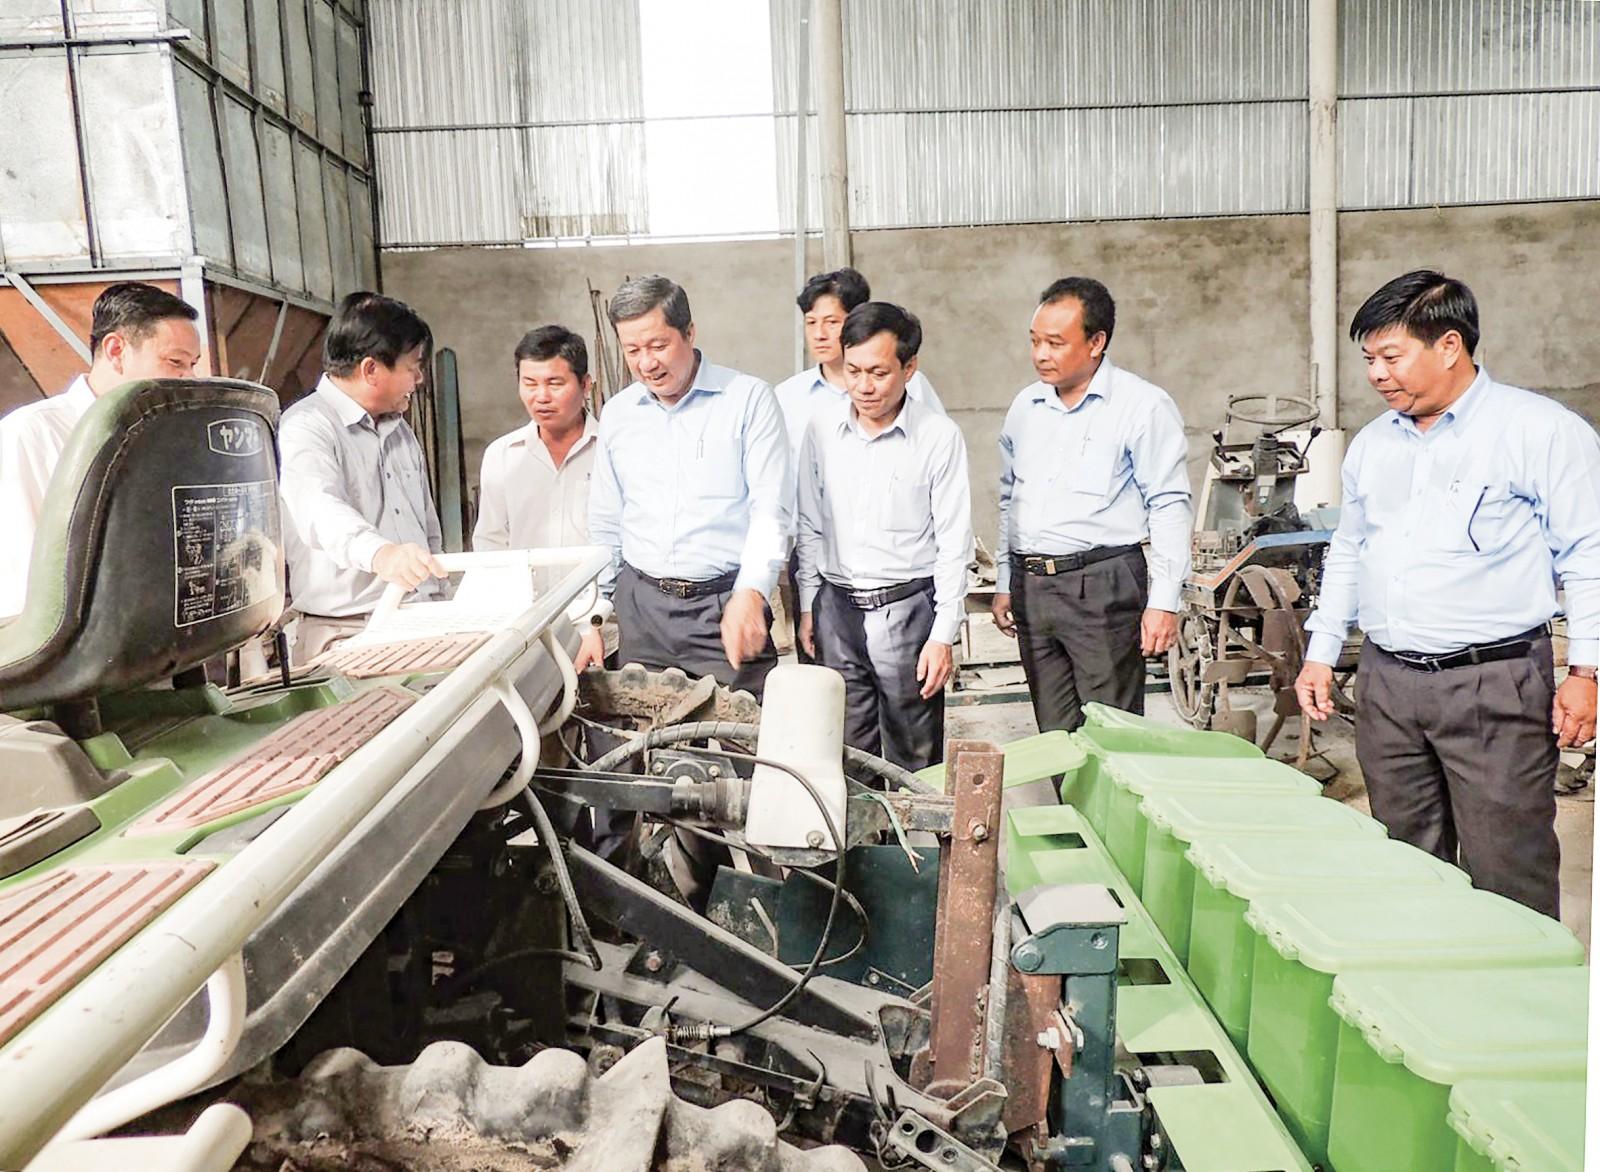 Máy móc hiện đại phục vụ sản xuất lúa được trang bị tại HTX Đại Lợi, huyện Thới Lai. Ảnh: MỸ THANH